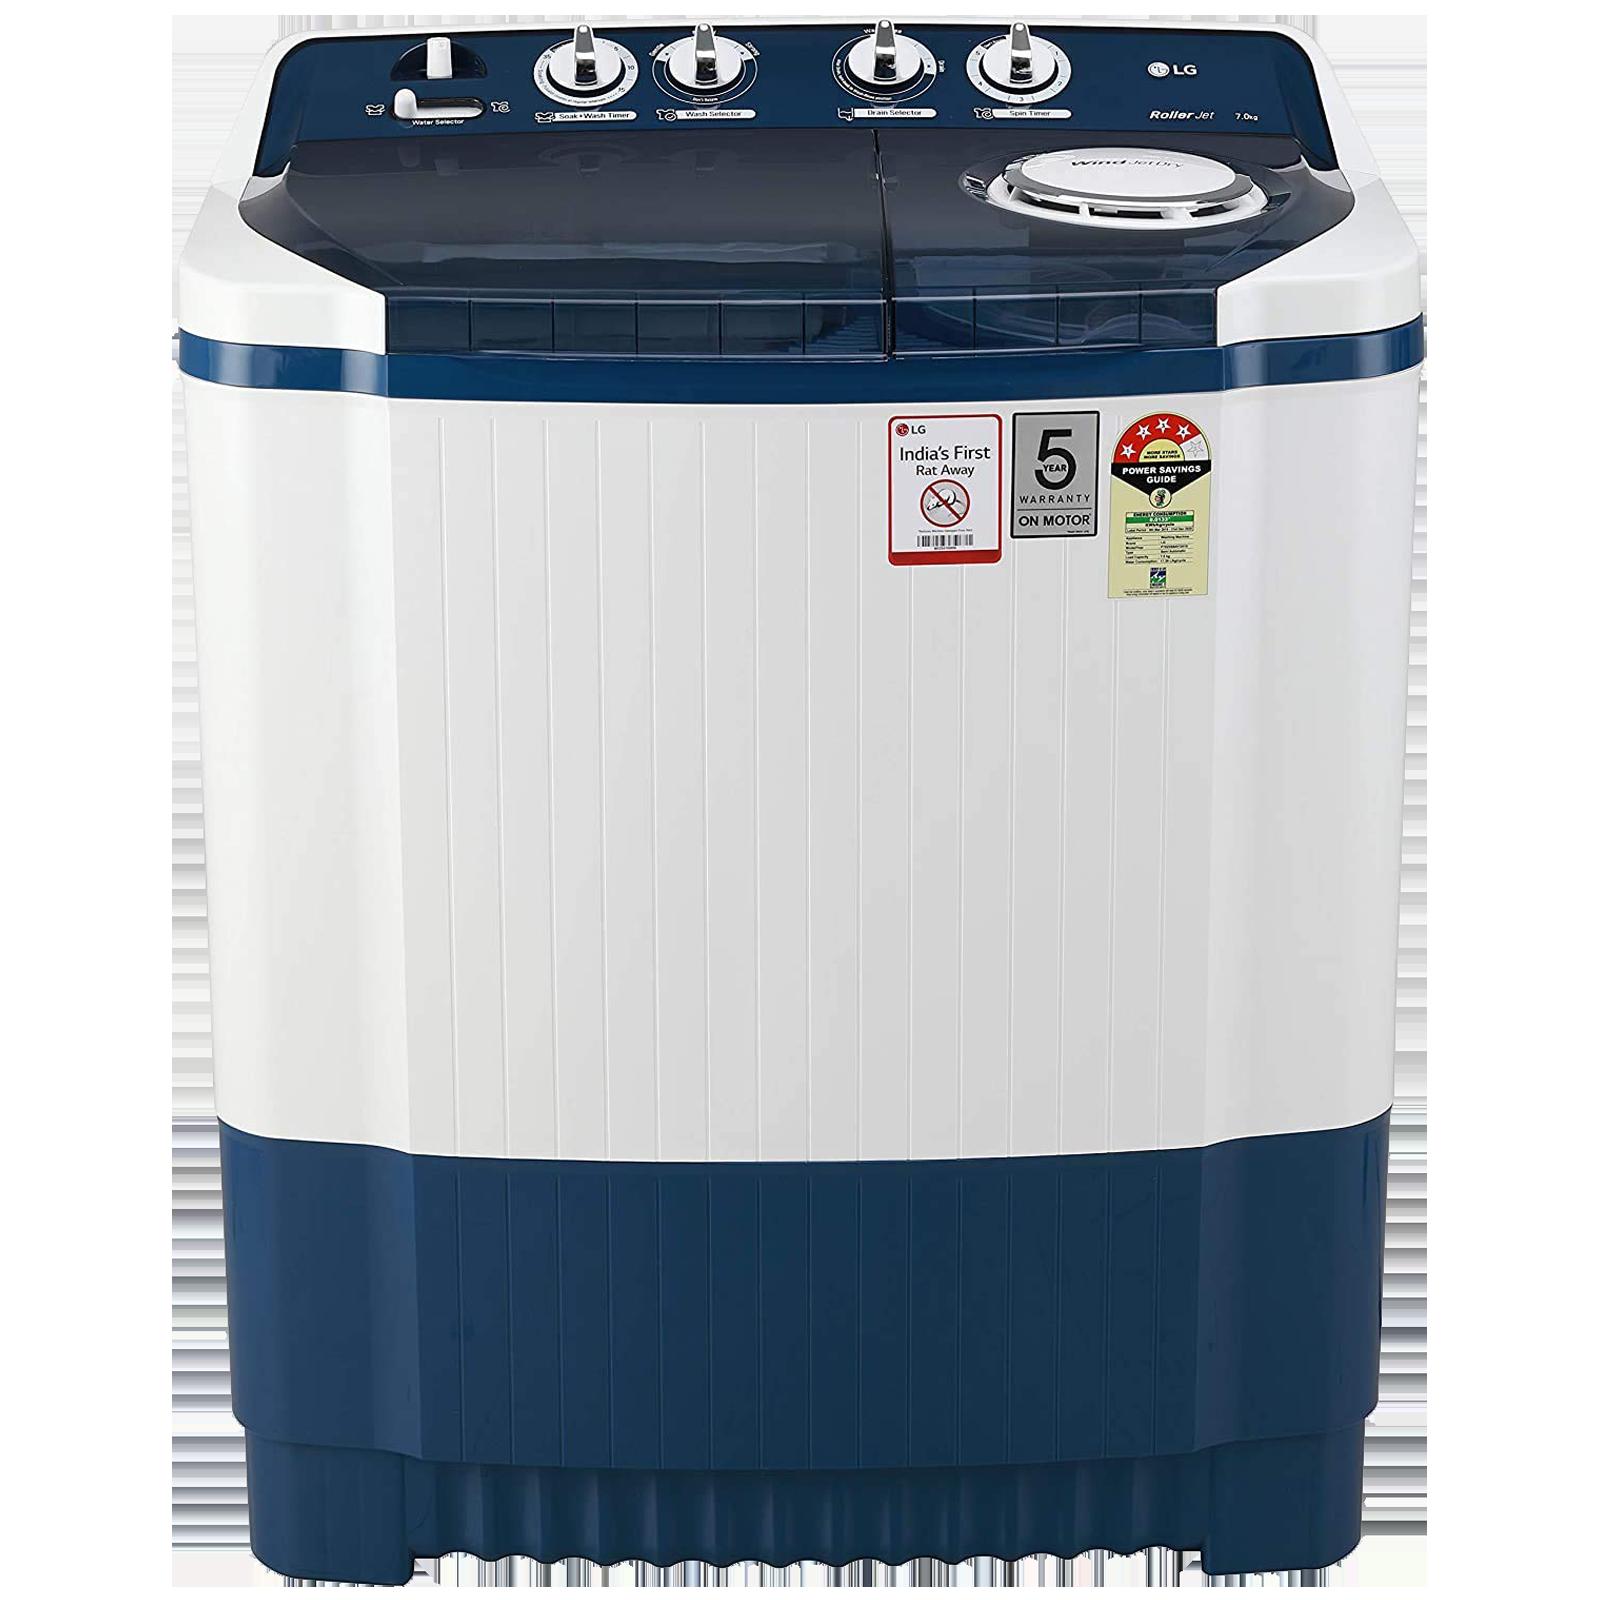 LG 7 kg 4 Star Semi-Automatic Top Load Washing Machine (Auto Restart, P7025SBAY.ADBQEIL, Dark Blue)_1